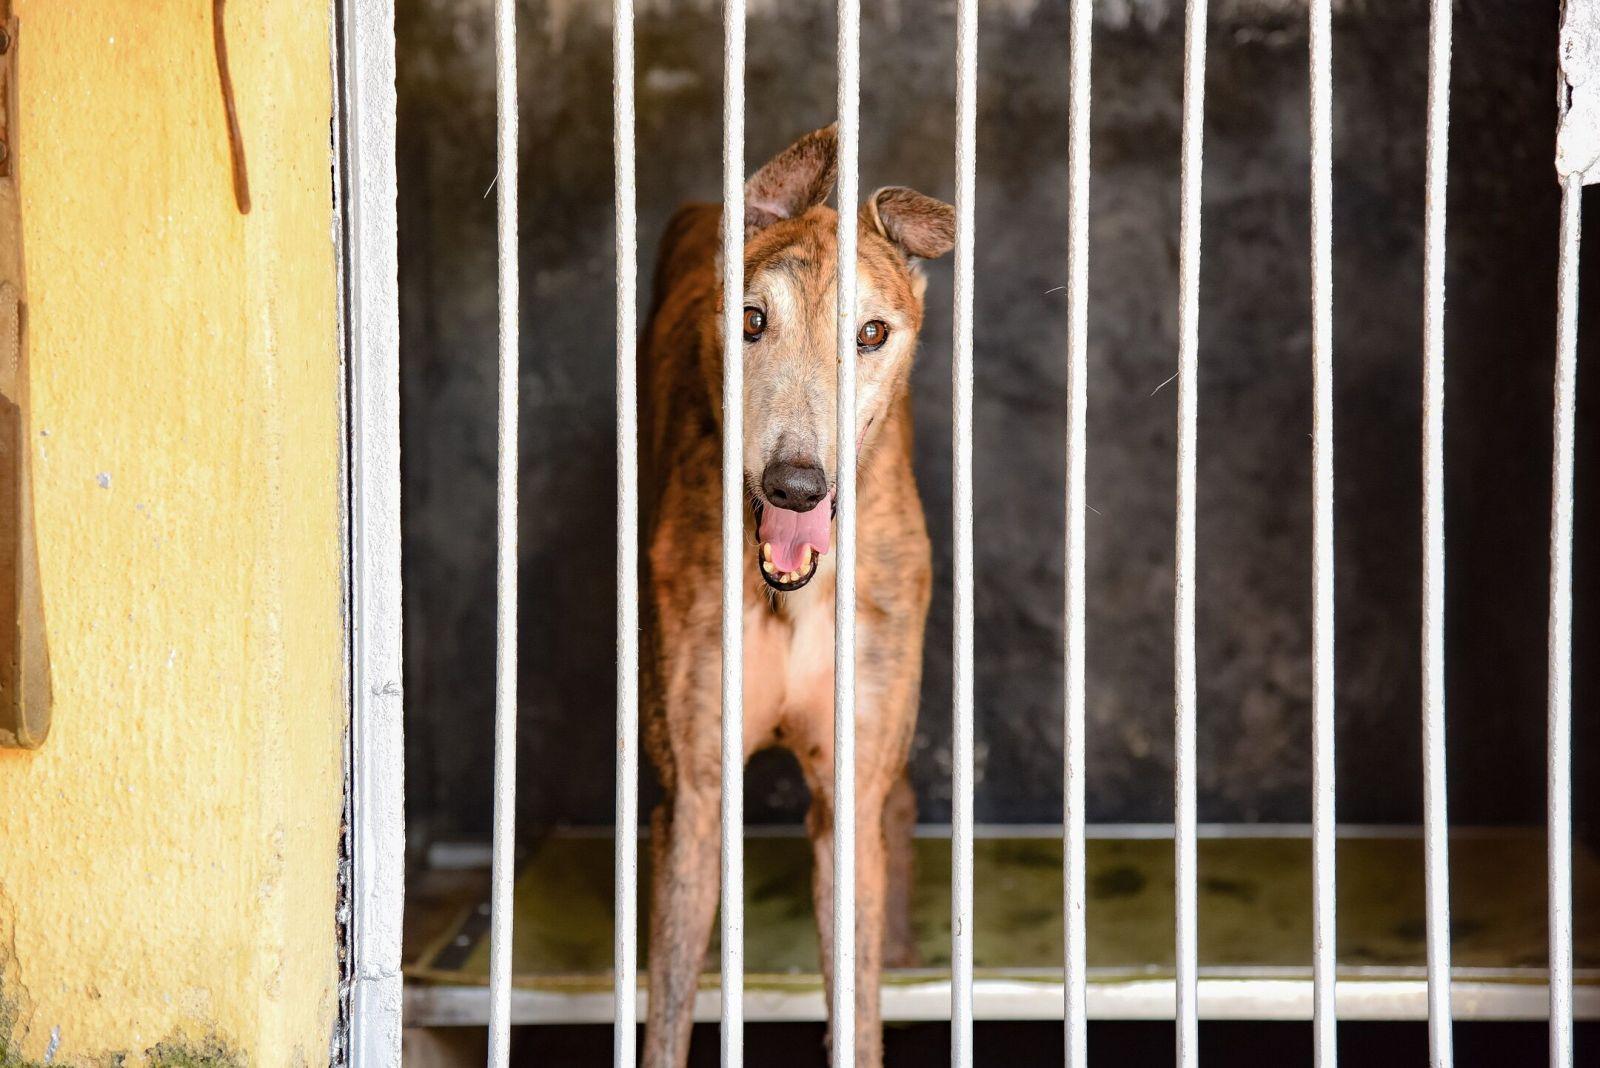 民署強調狗場內格力犬得到適切照顧